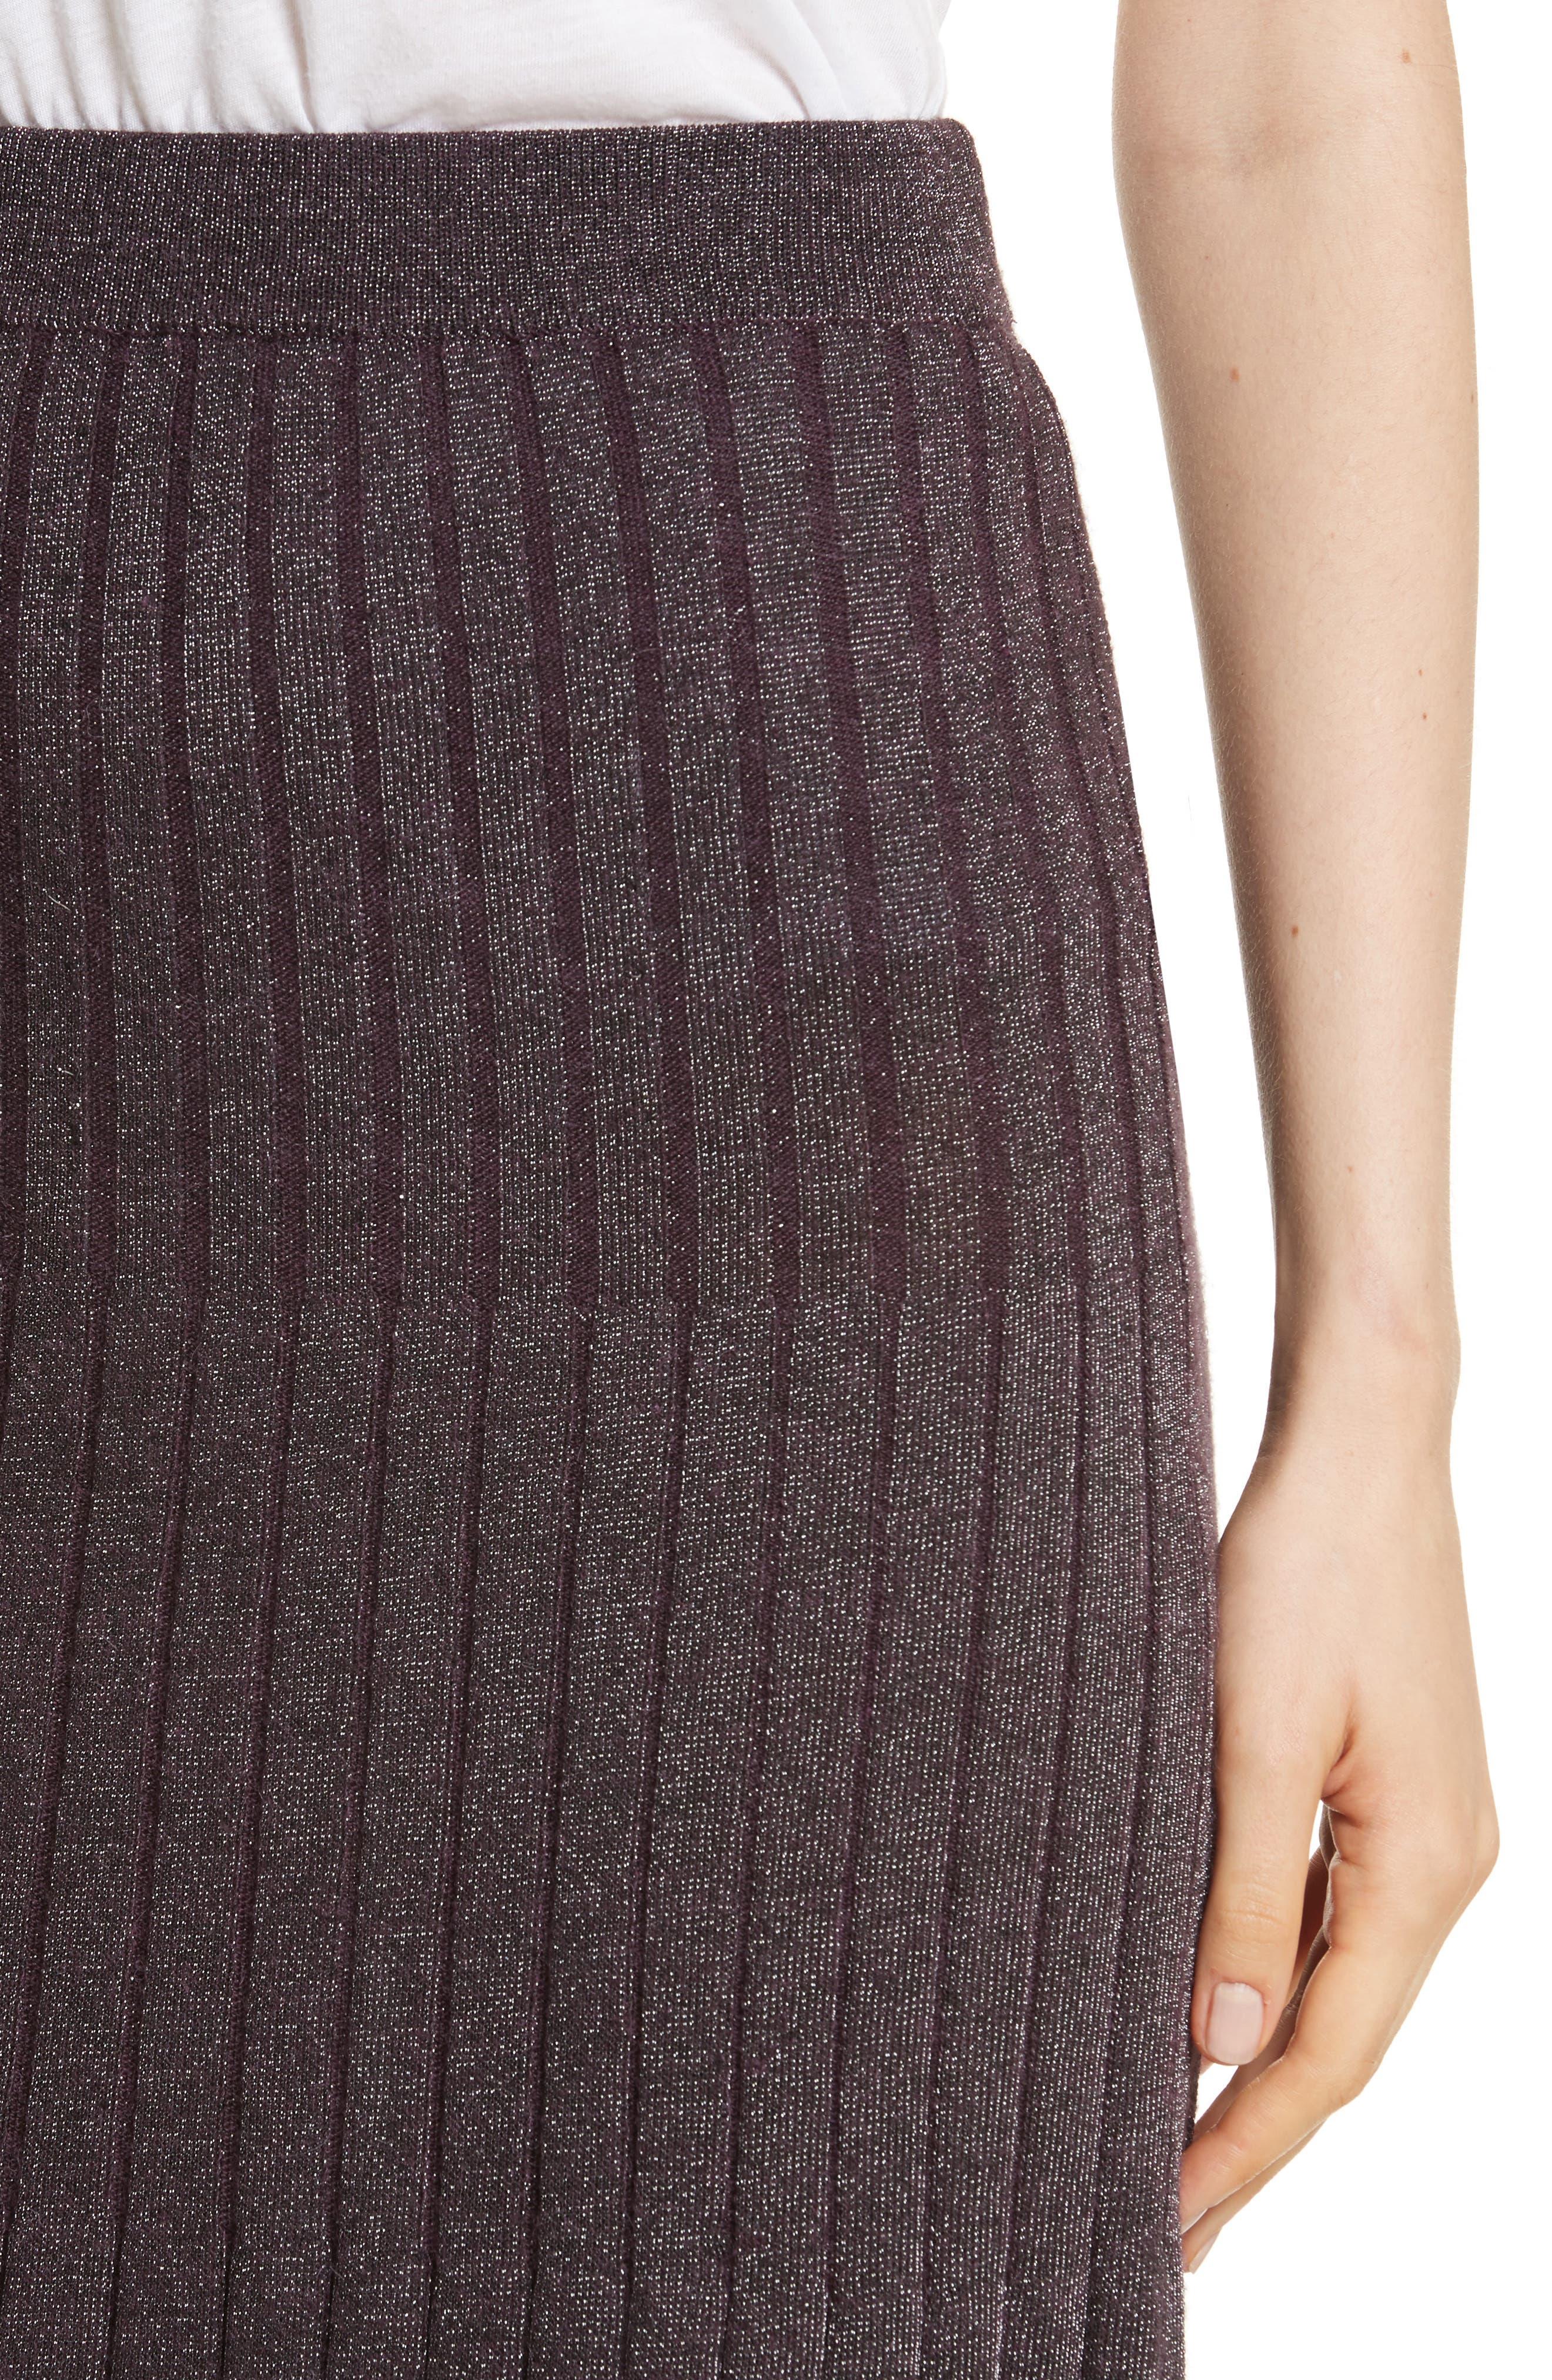 Metallic Ribbed Knit Skirt,                             Alternate thumbnail 4, color,                             Merlot